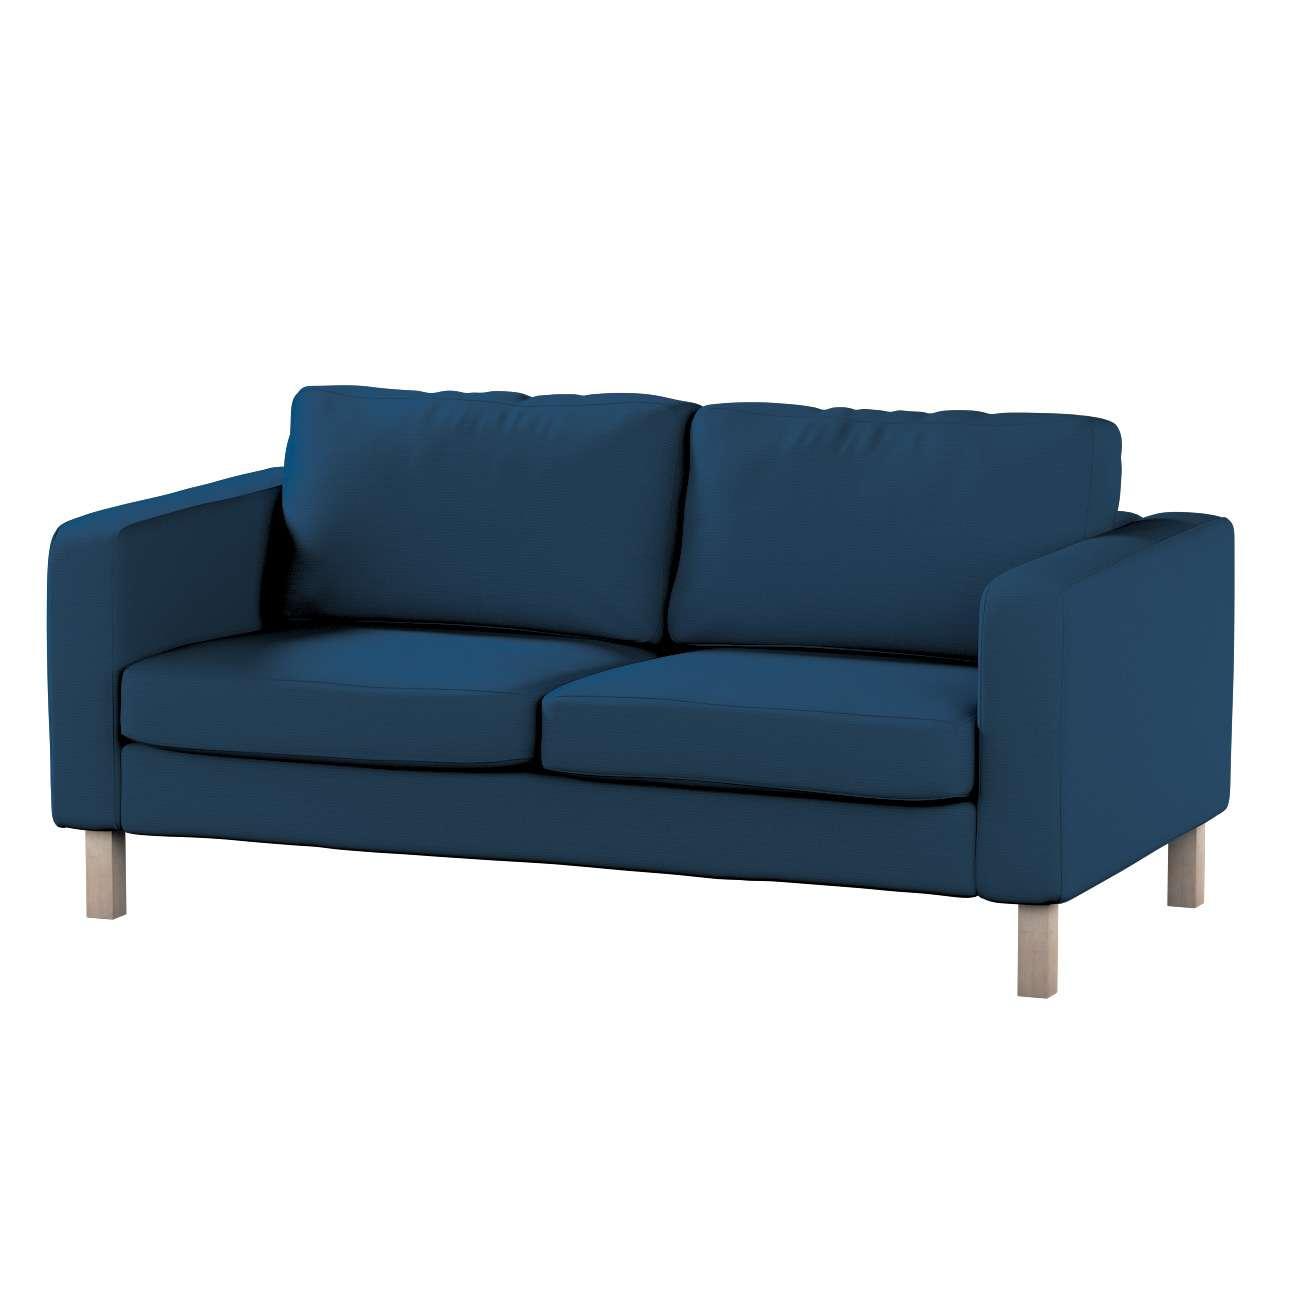 Potah na pohovku IKEA  Karlstad 2-místná, nerozkládací, krátký pohovka Karlstad 2-místná v kolekci Cotton Panama, látka: 702-30